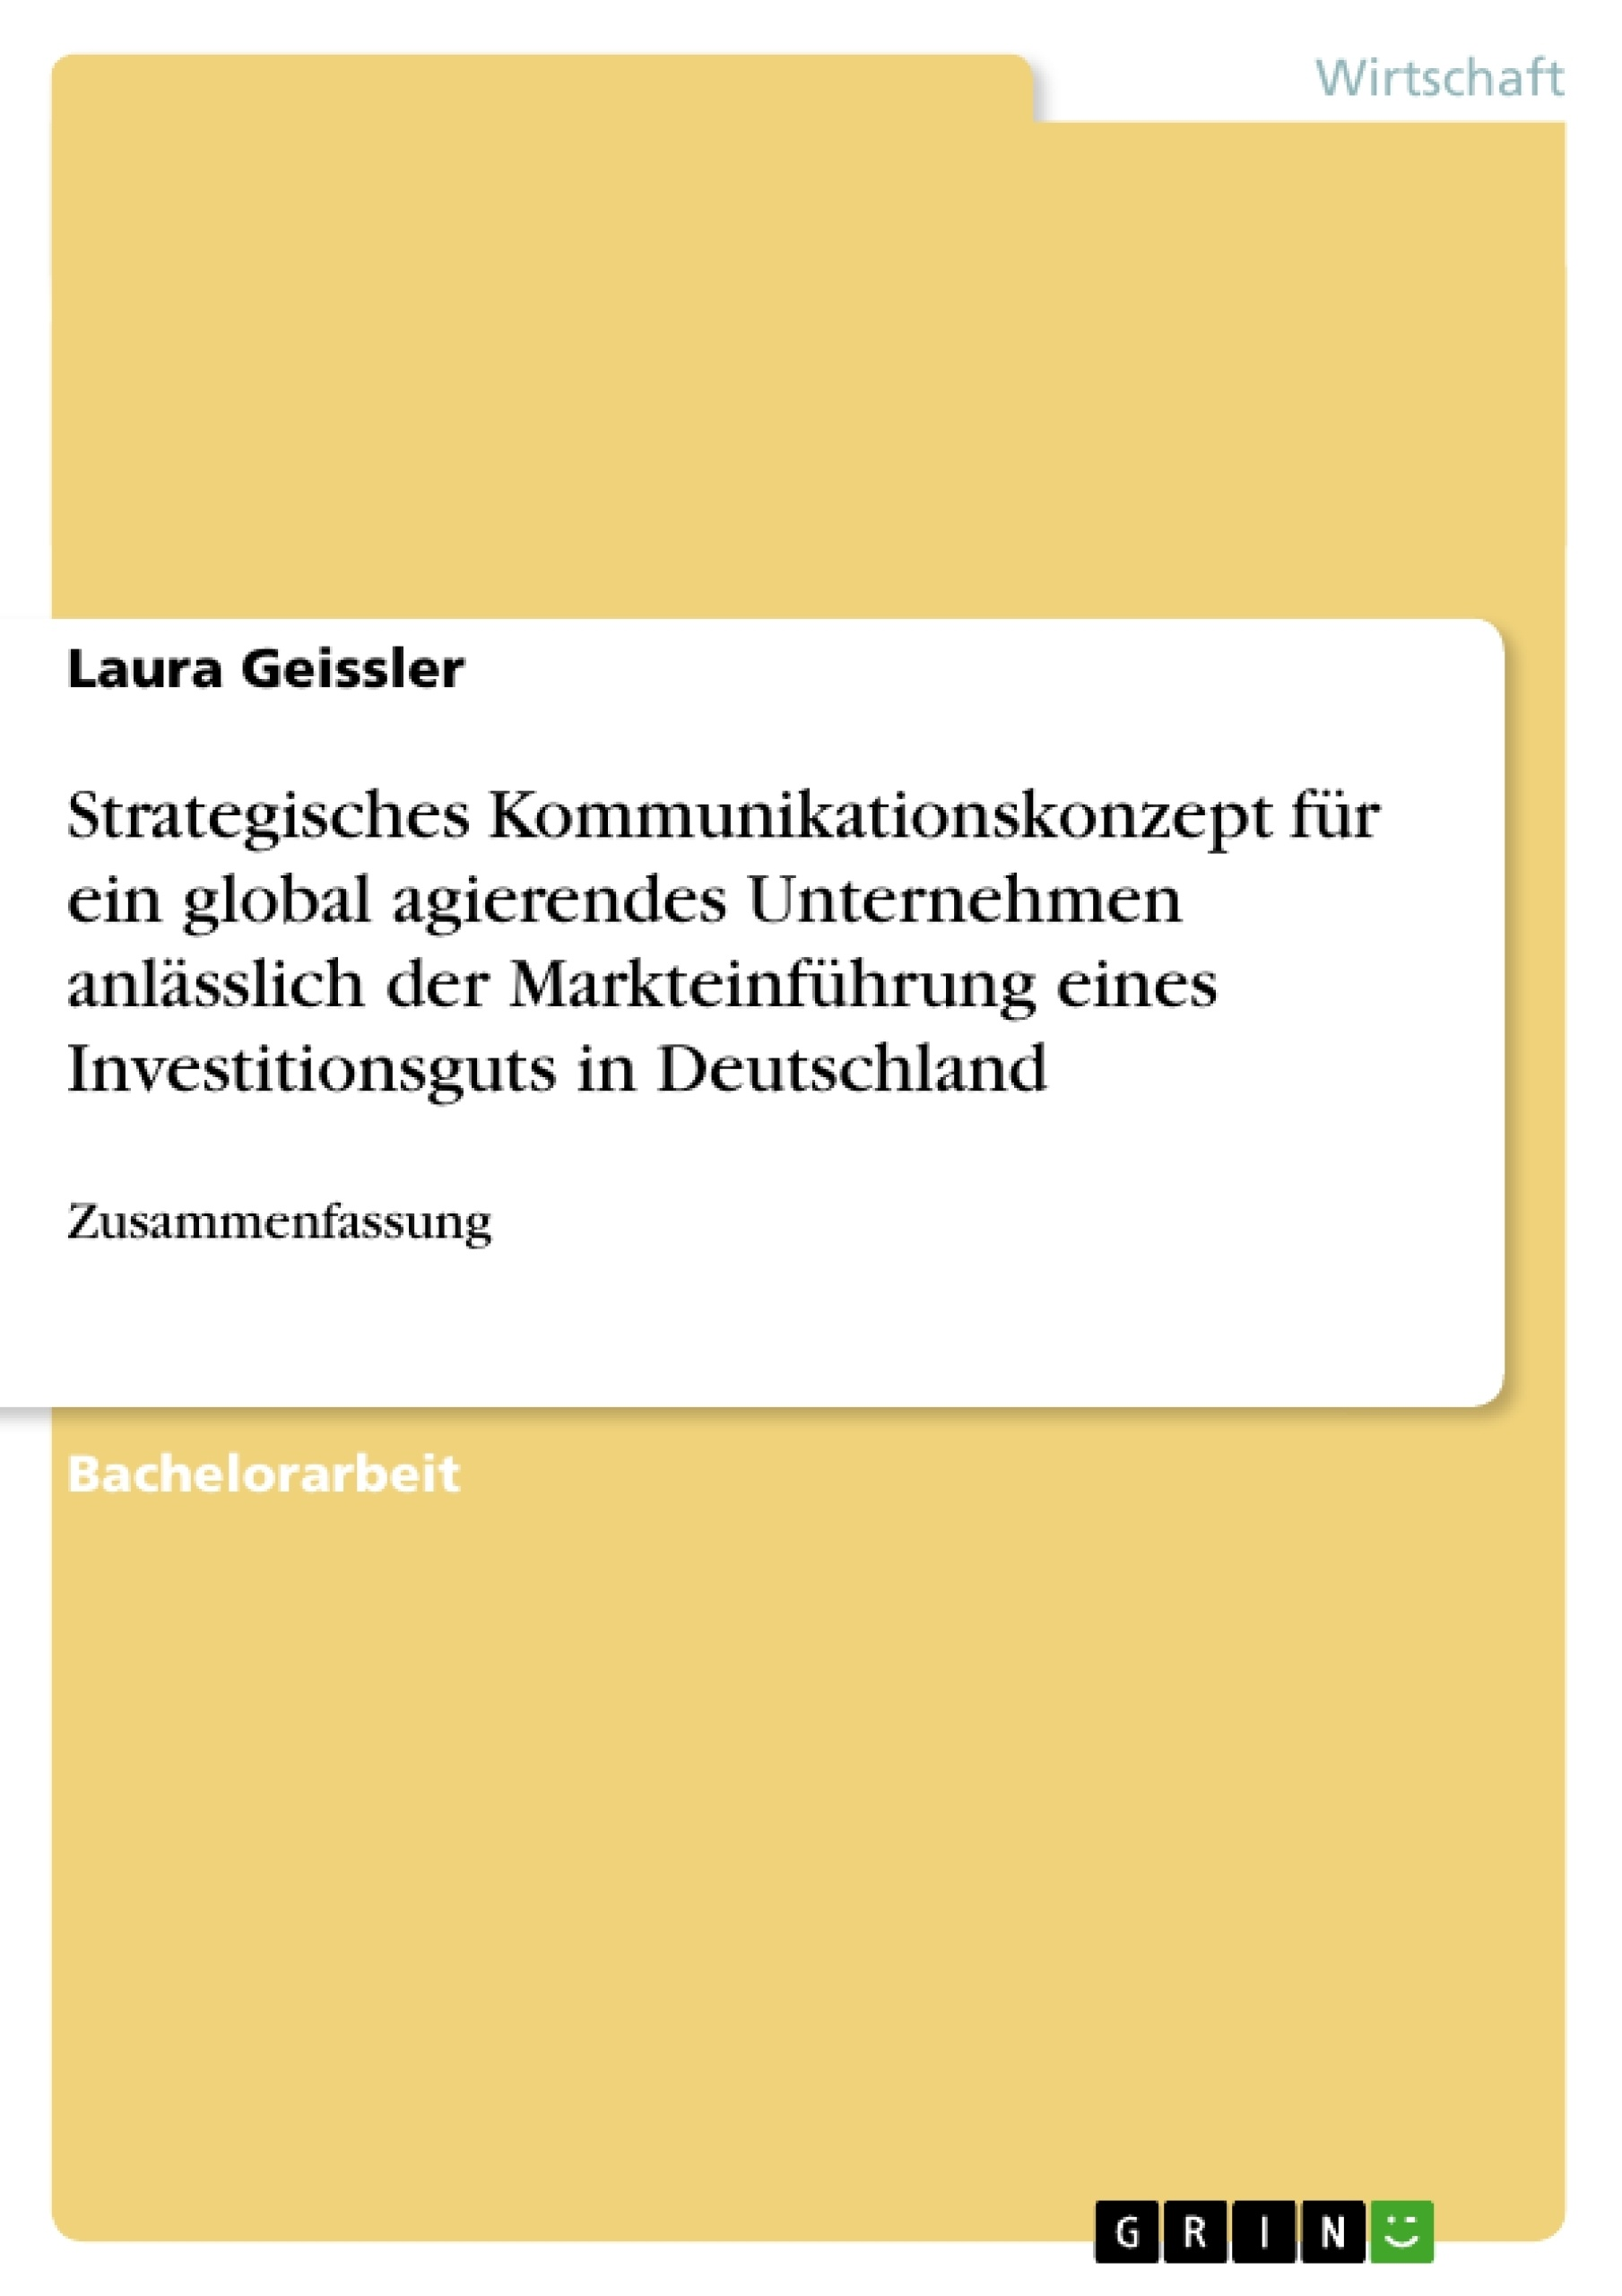 Titel: Strategisches Kommunikationskonzept für ein global agierendes Unternehmen anlässlich der Markteinführung eines Investitionsguts in Deutschland